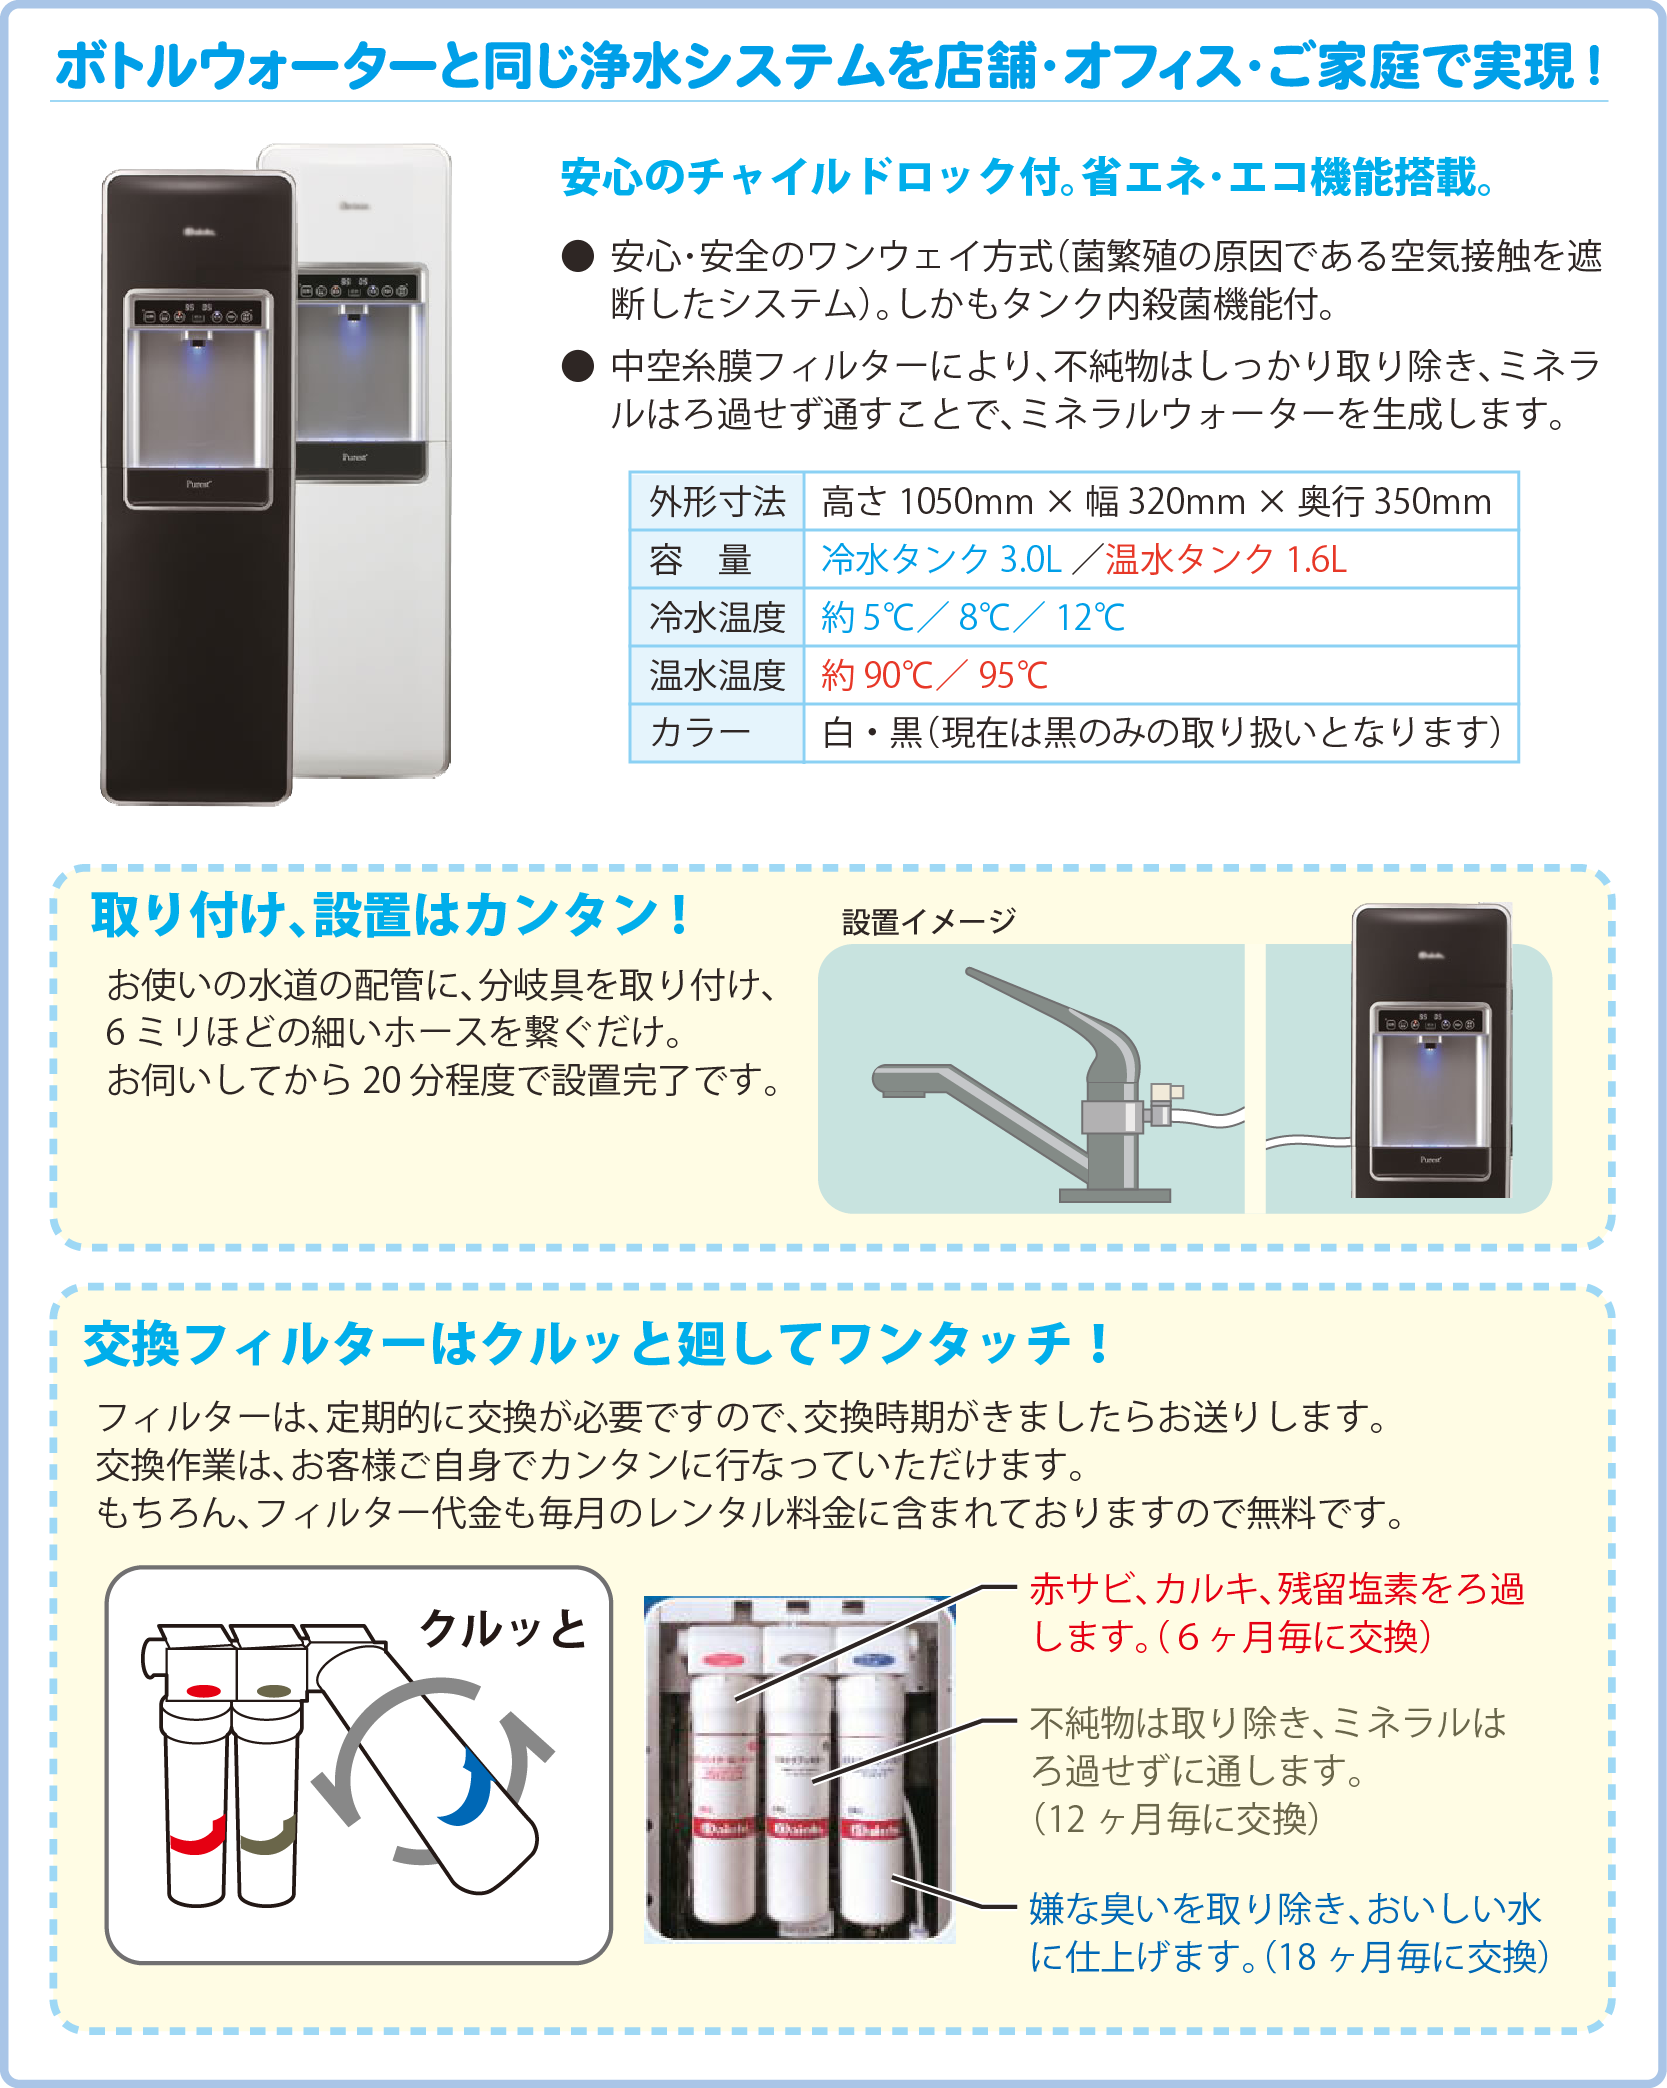 ボトルウォーターと同じ浄水システムを店舗・オフィス・ご家庭で実現!安心のチャイルドロック付。省エネ・エコ機能搭載。●安心・安全のワンウェイ方式(菌繁殖の原因である空気接触を遮断したシステム)。しかもタンク内殺菌機能付。 ●中空糸膜フィルターにより、不純物はしっかり取り除き、ミネラルはろ過せず通すことで、ミネラルウォーターを生成します。取り付け、設置はカンタン!お使いの水道の配管に、分岐具を取り付け、6ミリほどの細いホースを繋ぐだけ。 お伺いしてから20分程度で設置完了です。交換フィルターはクルッと廻してワンタッチ!フィルターは、定期的に交換が必要ですので、交換時期がきましたらお送りします。 交換作業は、お客様ご自身でカンタンに行なっていただけます。 もちろん、フィルター代金も毎月のレンタル料金に含まれておりますので無料です。